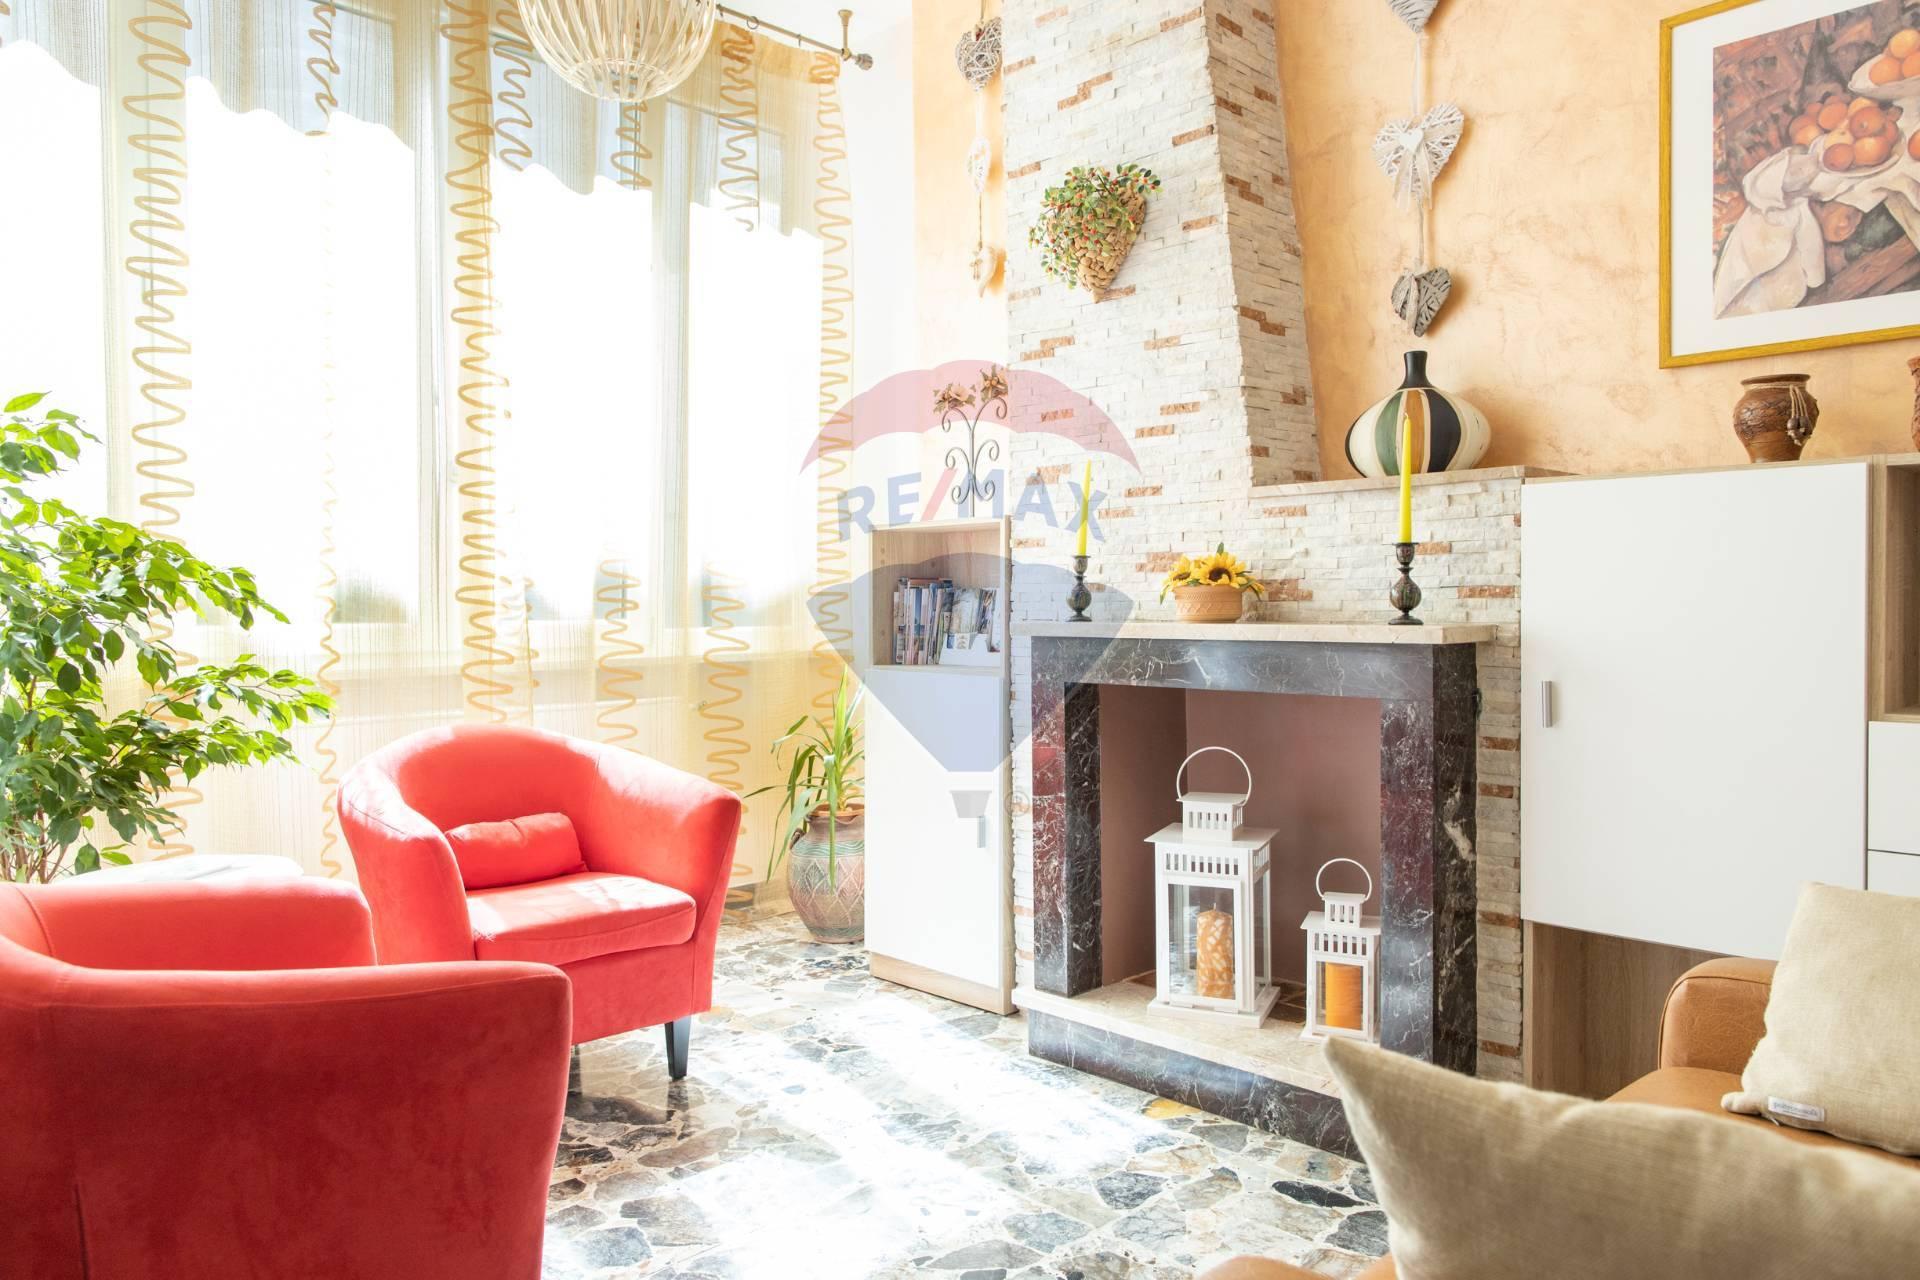 Appartamento in vendita a Potenza Picena, 6 locali, prezzo € 139.000   CambioCasa.it